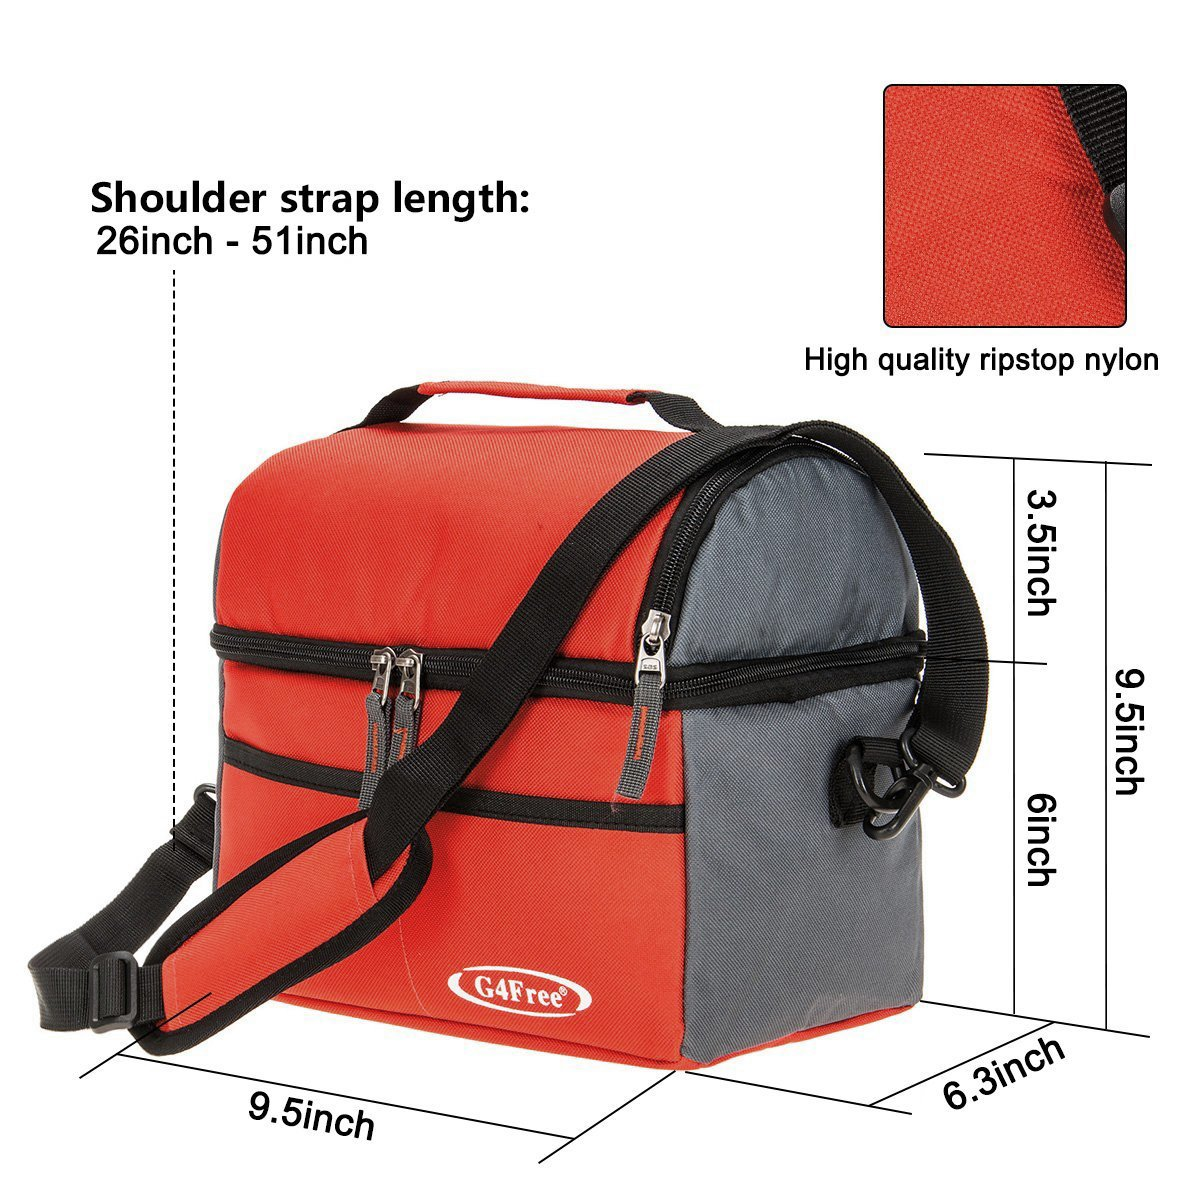 refrigerador de doble plataforma G4Free bolsa de almuerzo aislada bolsa de refrigerador 10L para hombres mujeres